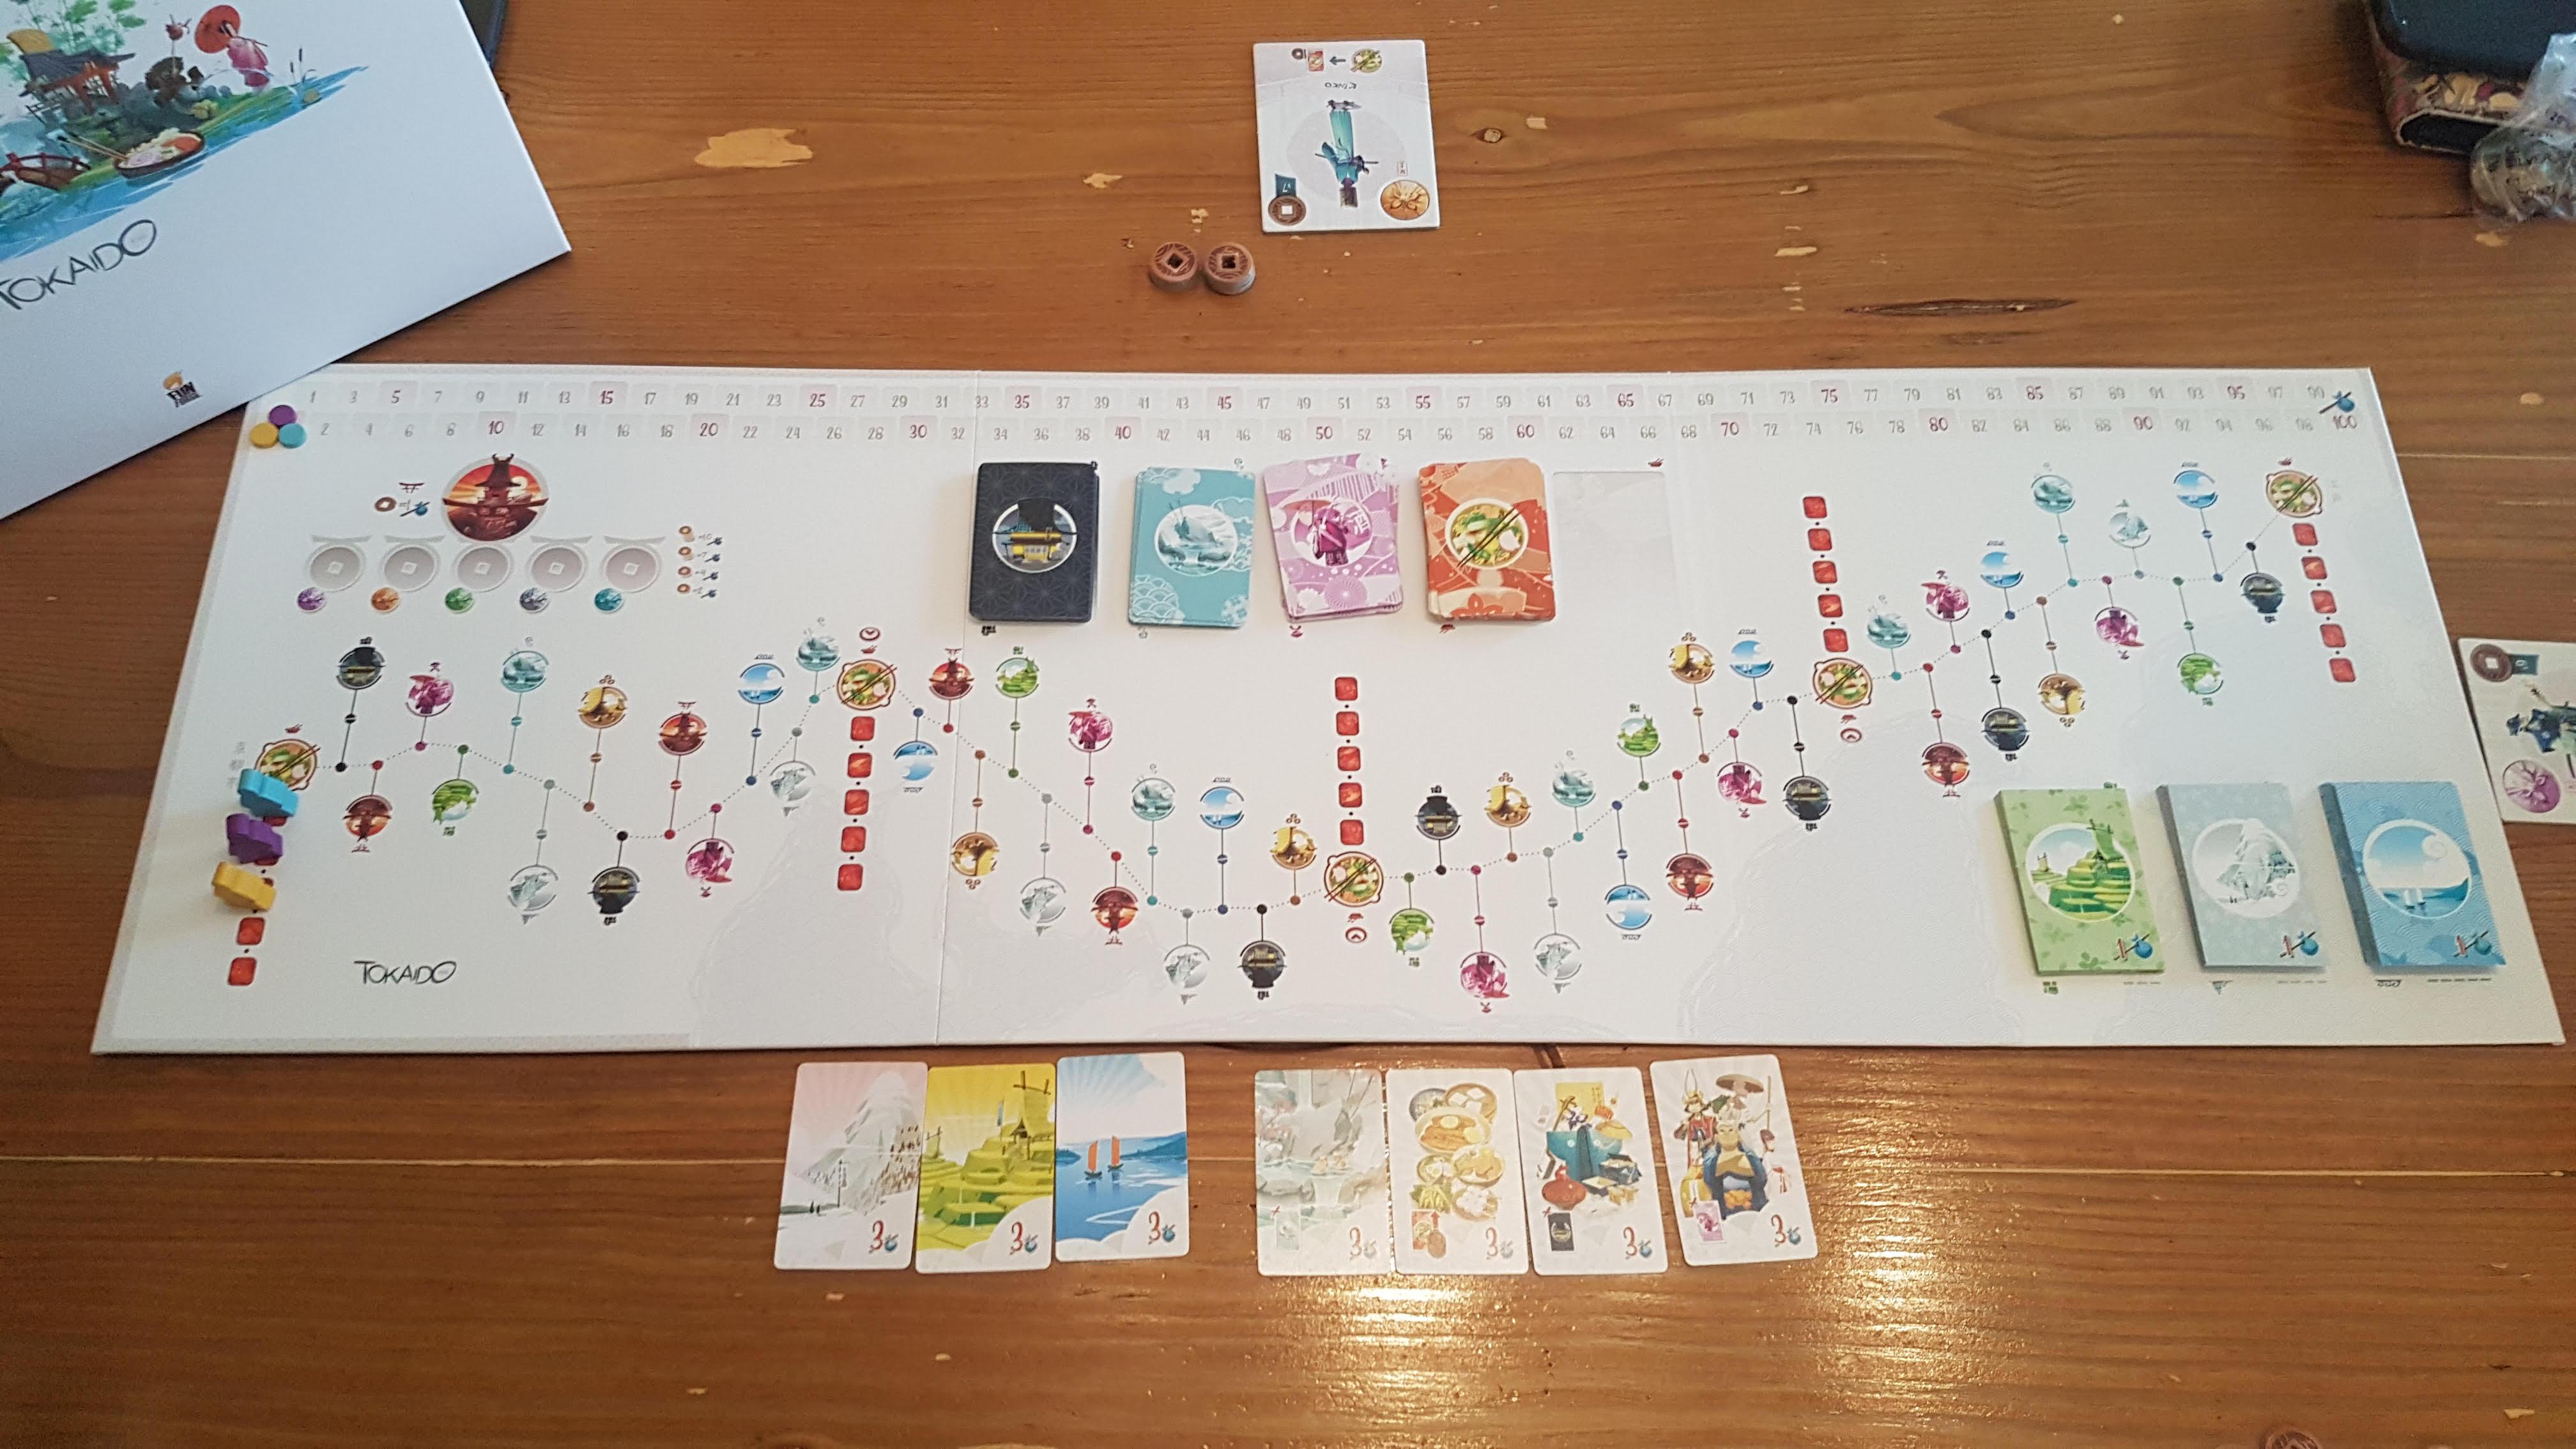 Asmodee Tokaido Board Game